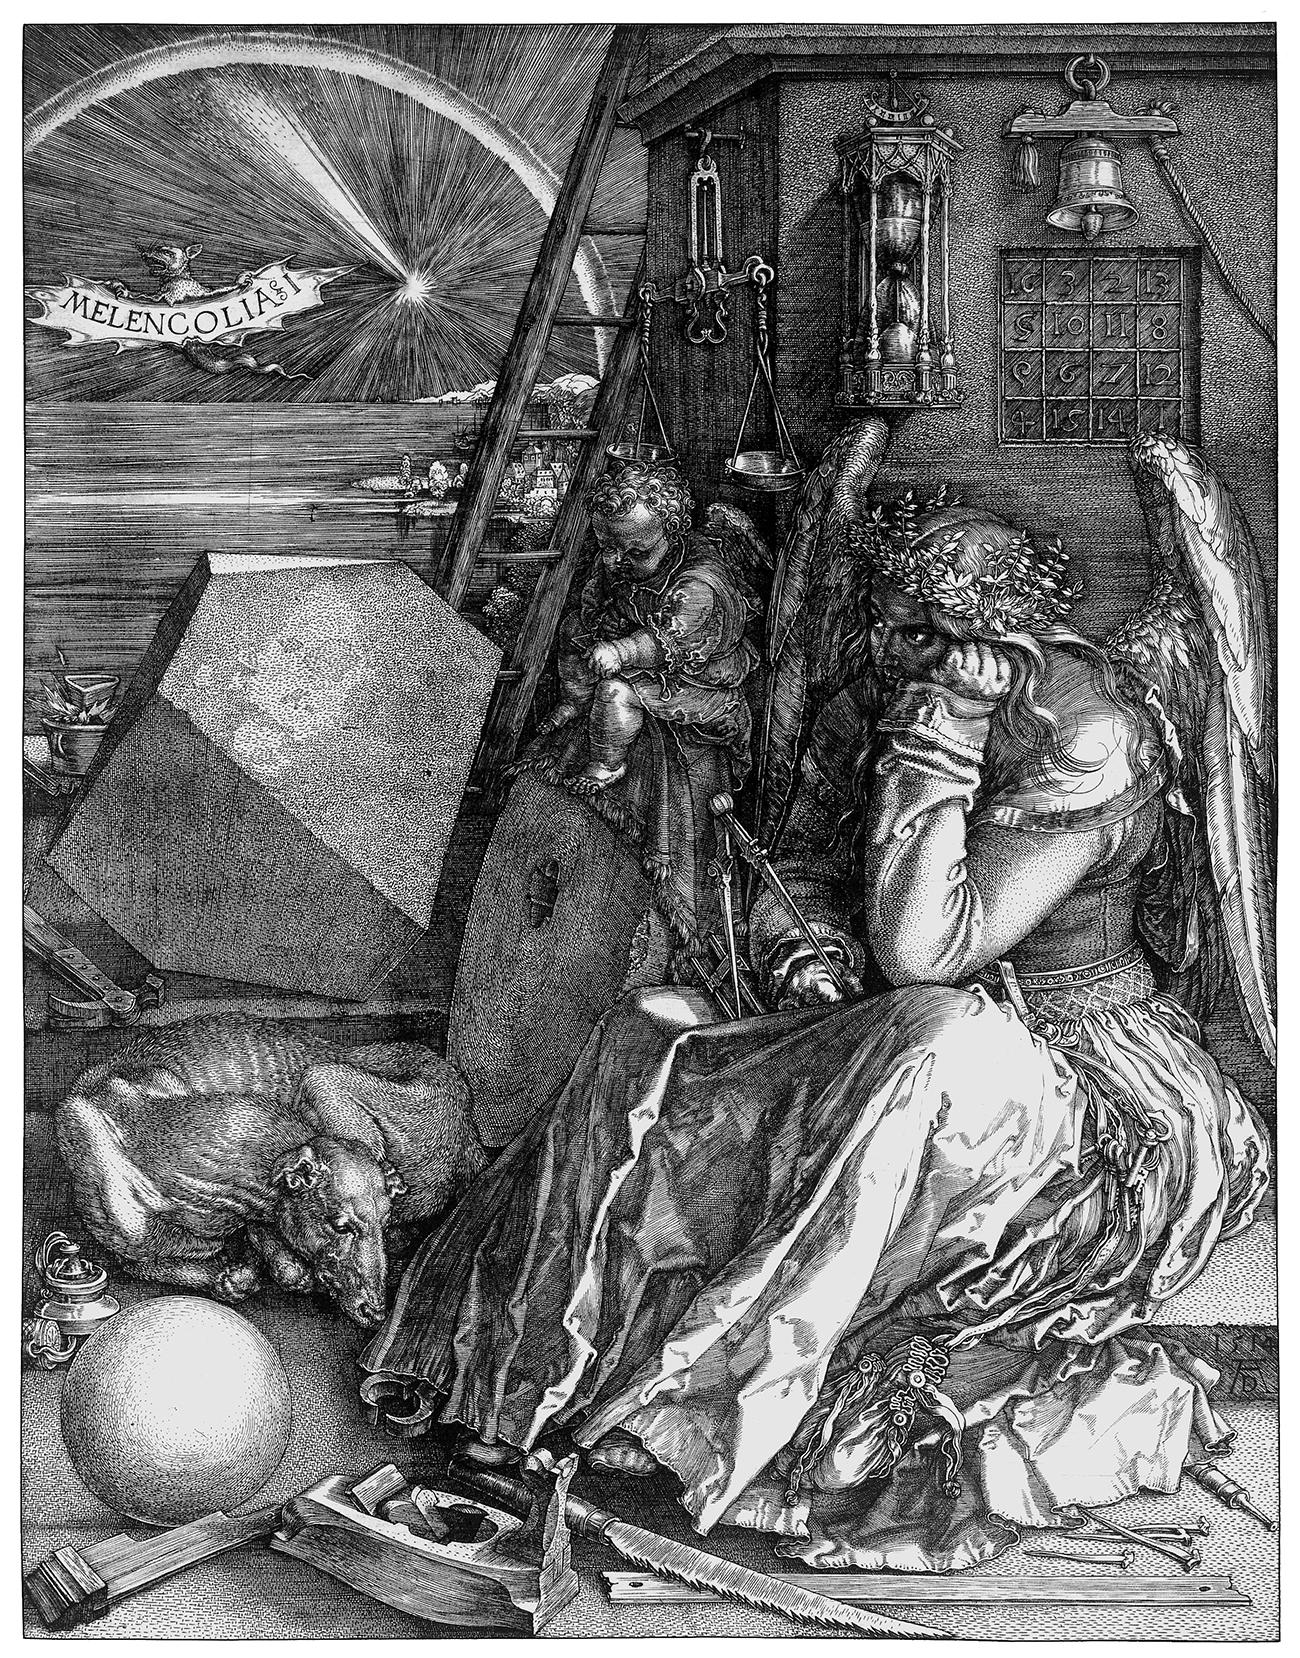 Albrecht Dürer, Melencolia I, 1514, Stich National Gallery London, Courtesy Otto Schäfer Stiftung der Stadt Schweinfurt